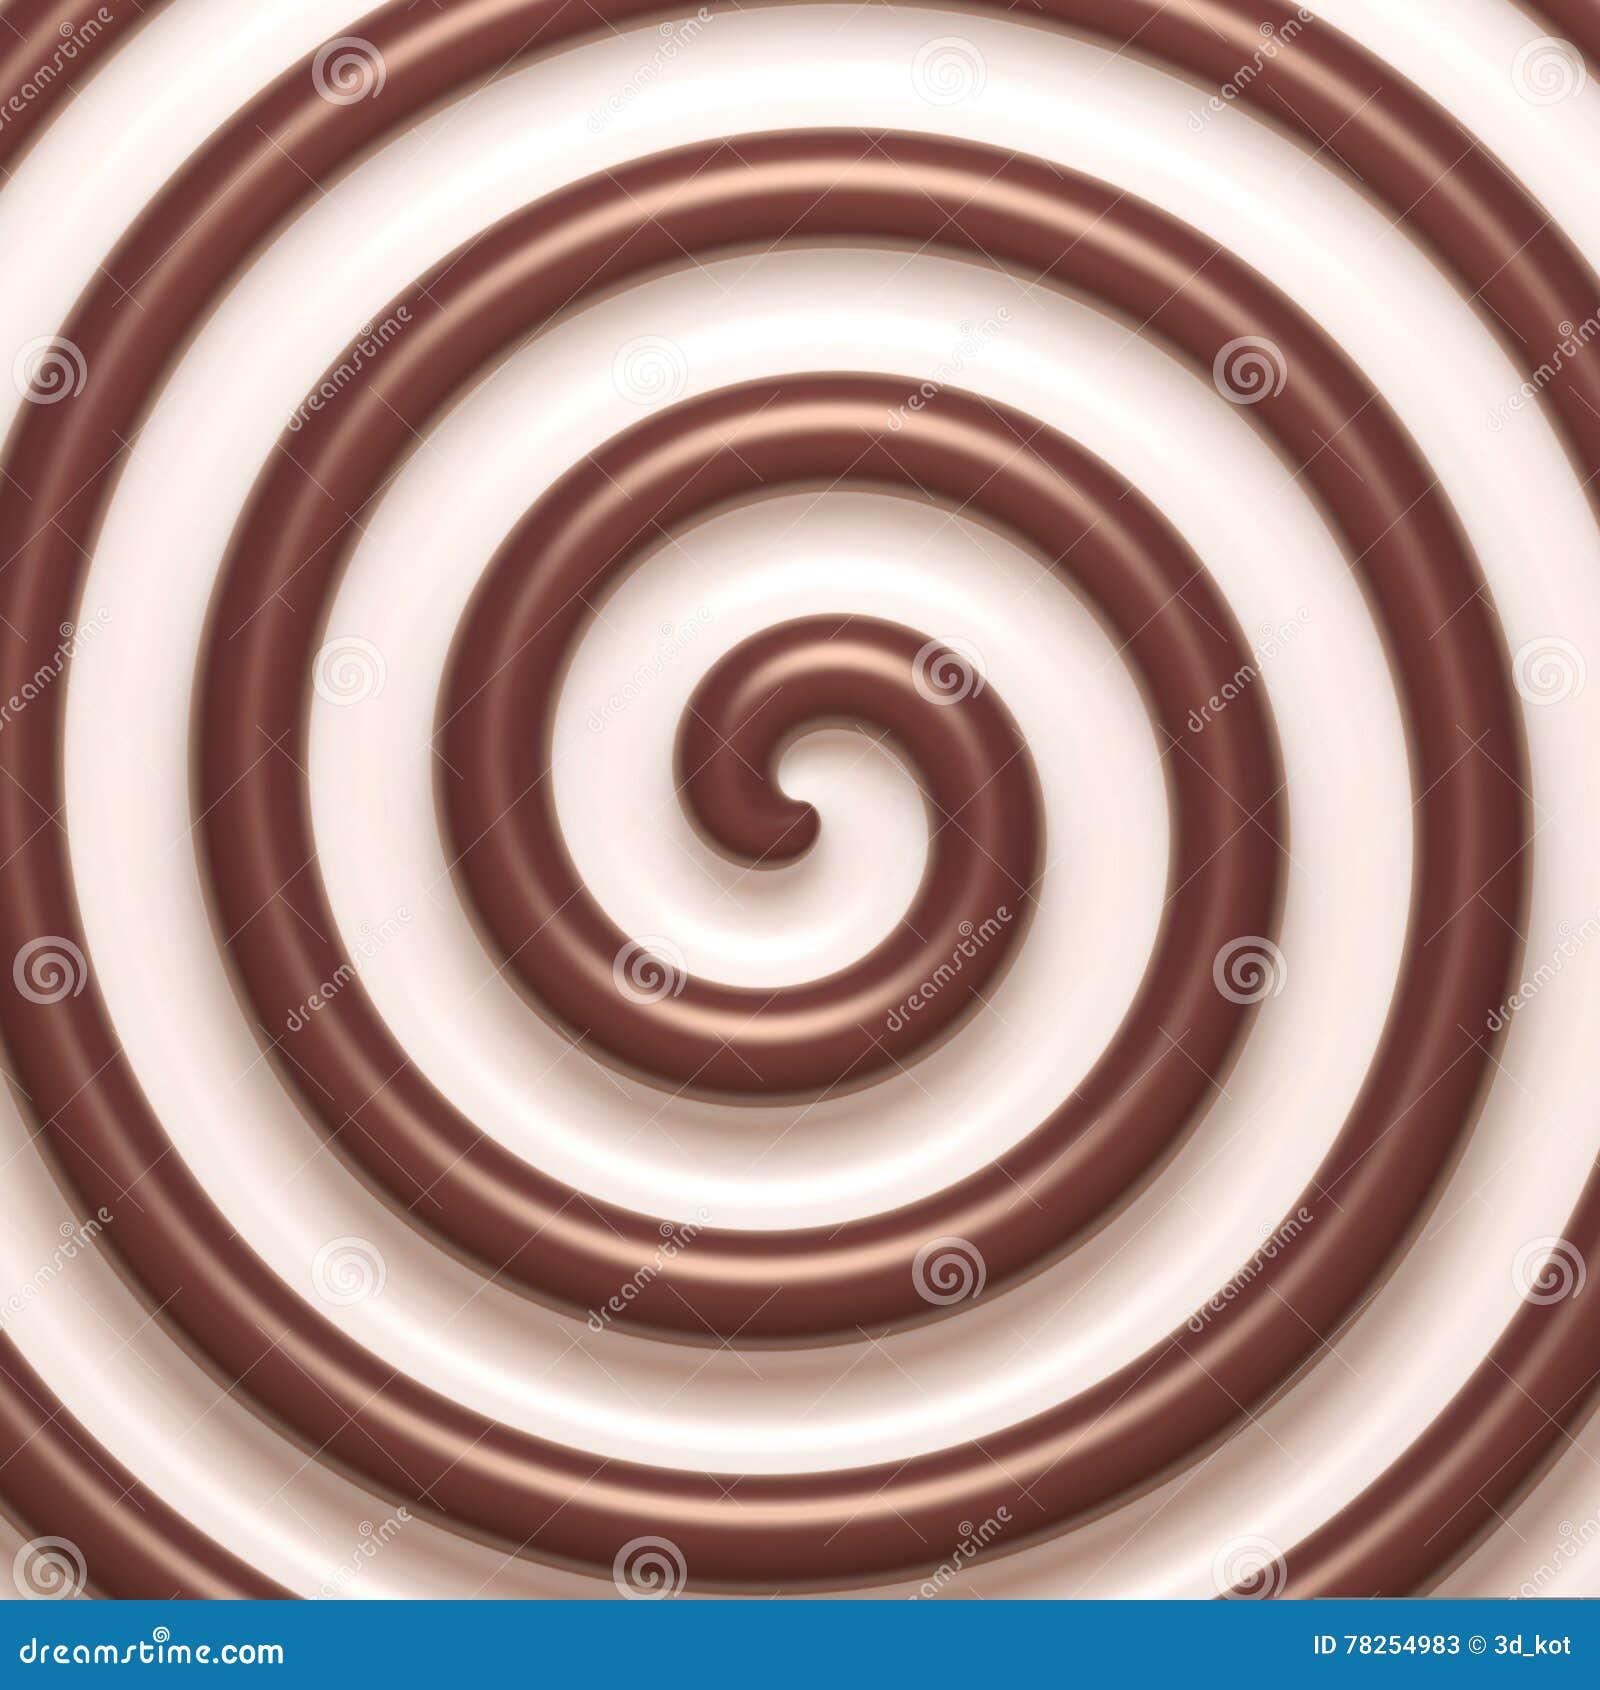 Αφηρημένο σπειροειδές υπόβαθρο σοκολάτας και κρέμας